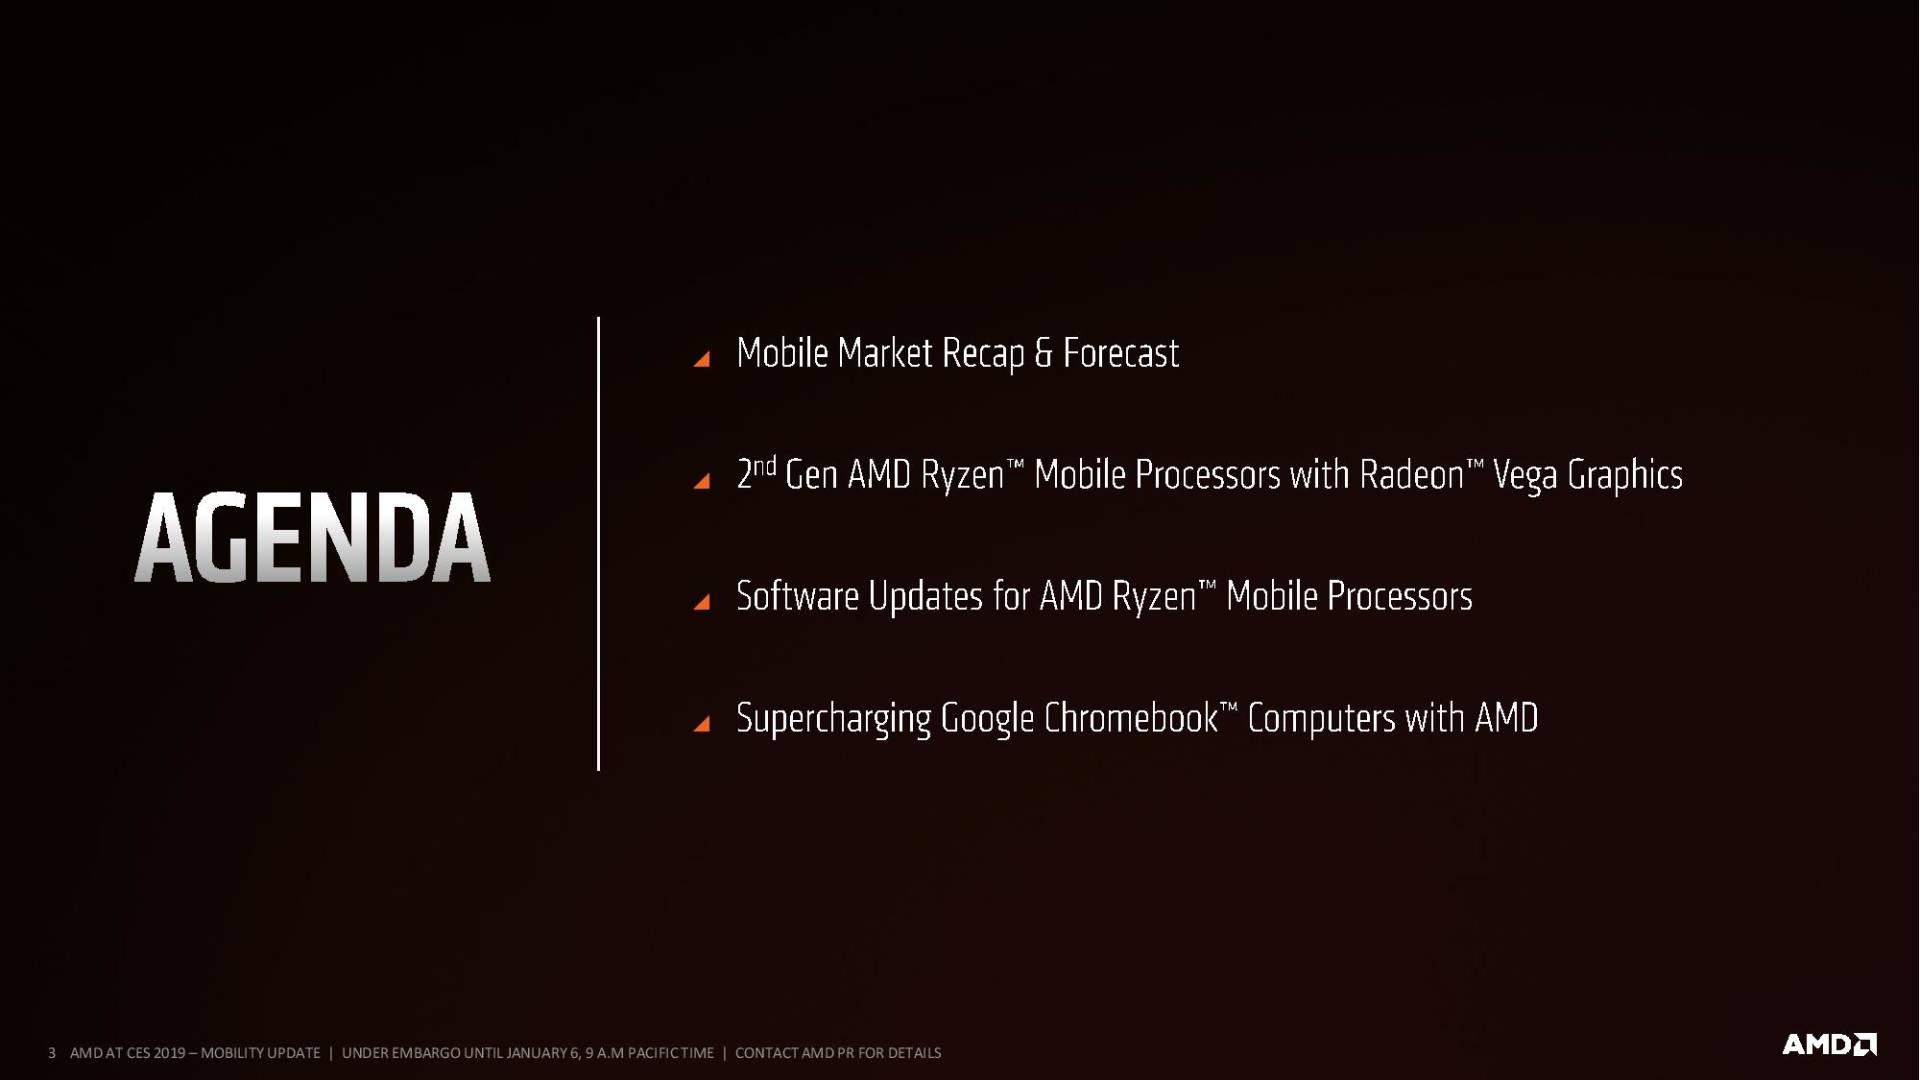 AMD Ryzen Mobile 2nd Gen slide